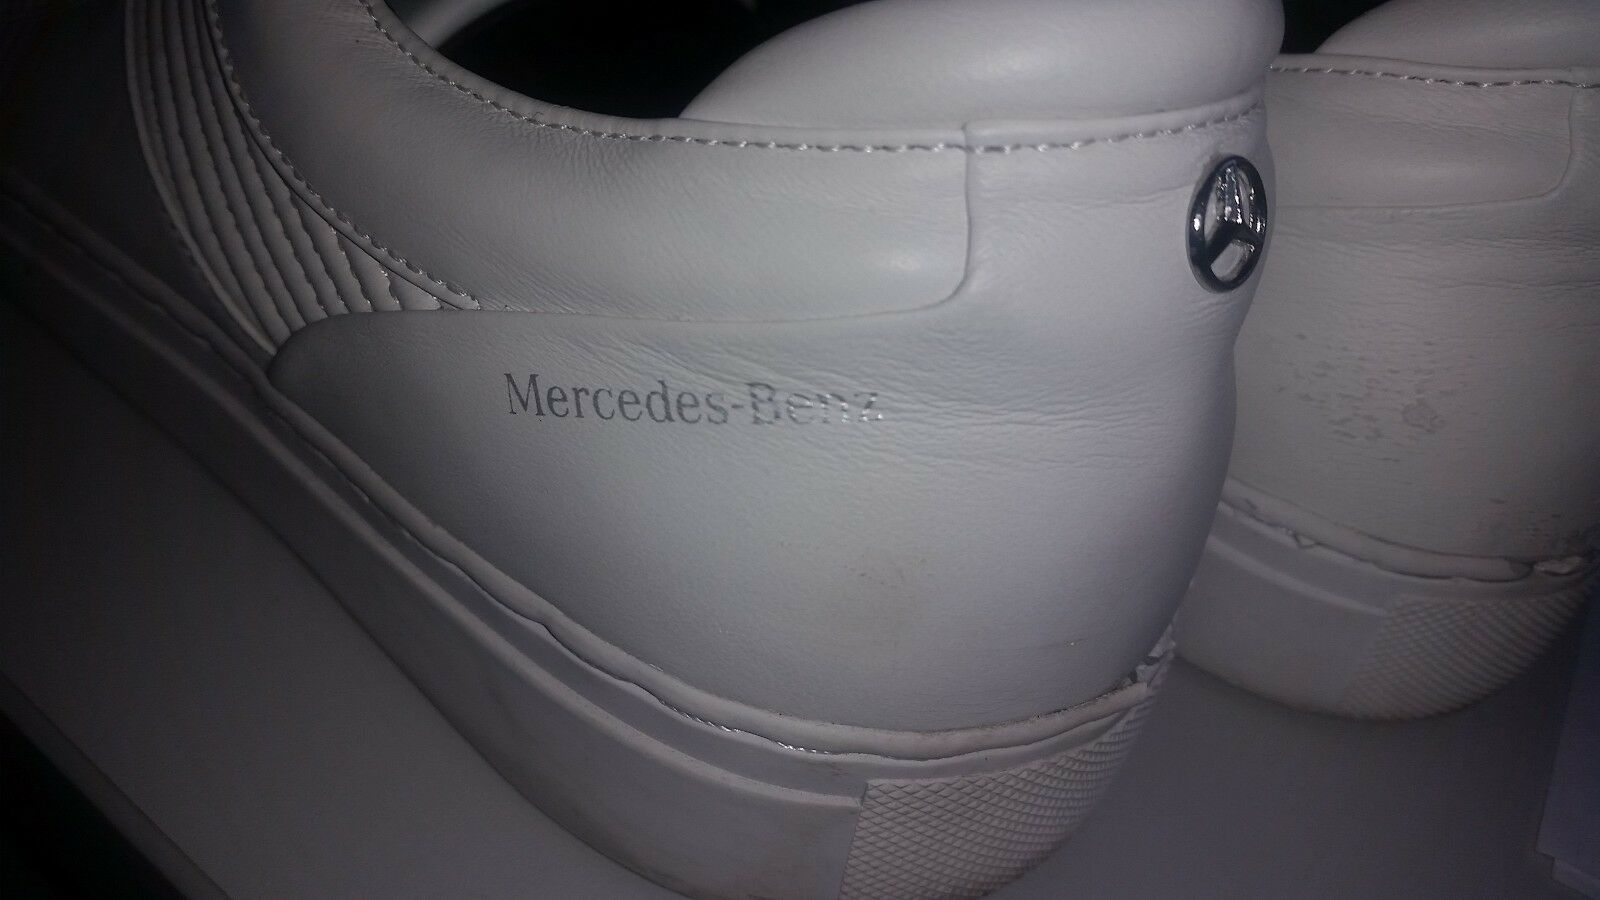 Hugo BOSS scarpe da ginnastica con logo MERCEDES E STELLA TAGLIA 41 | Moderno Ed Elegante Nella Moda  | Scolaro/Signora Scarpa